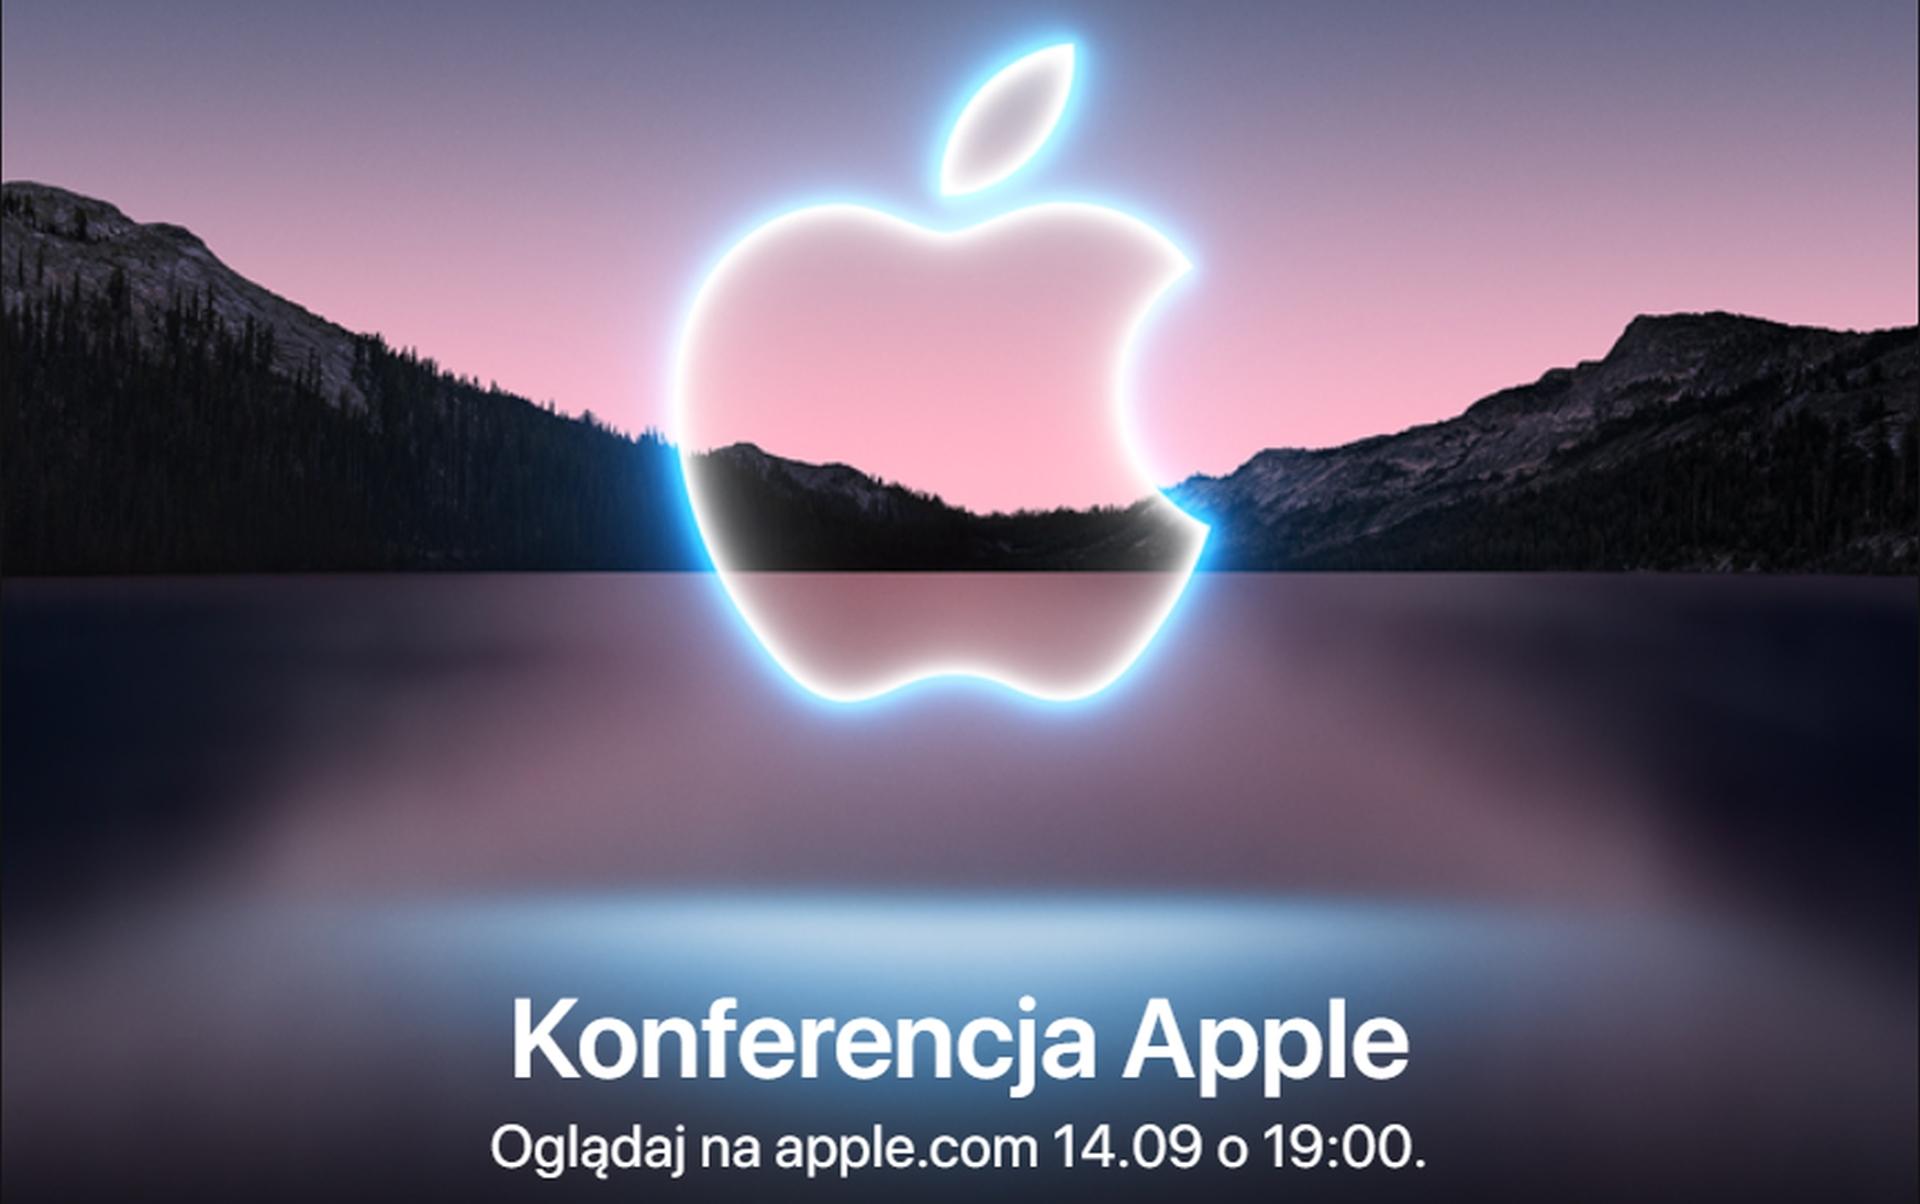 Konferencja firmy Apple ma się odbyć już 14 września